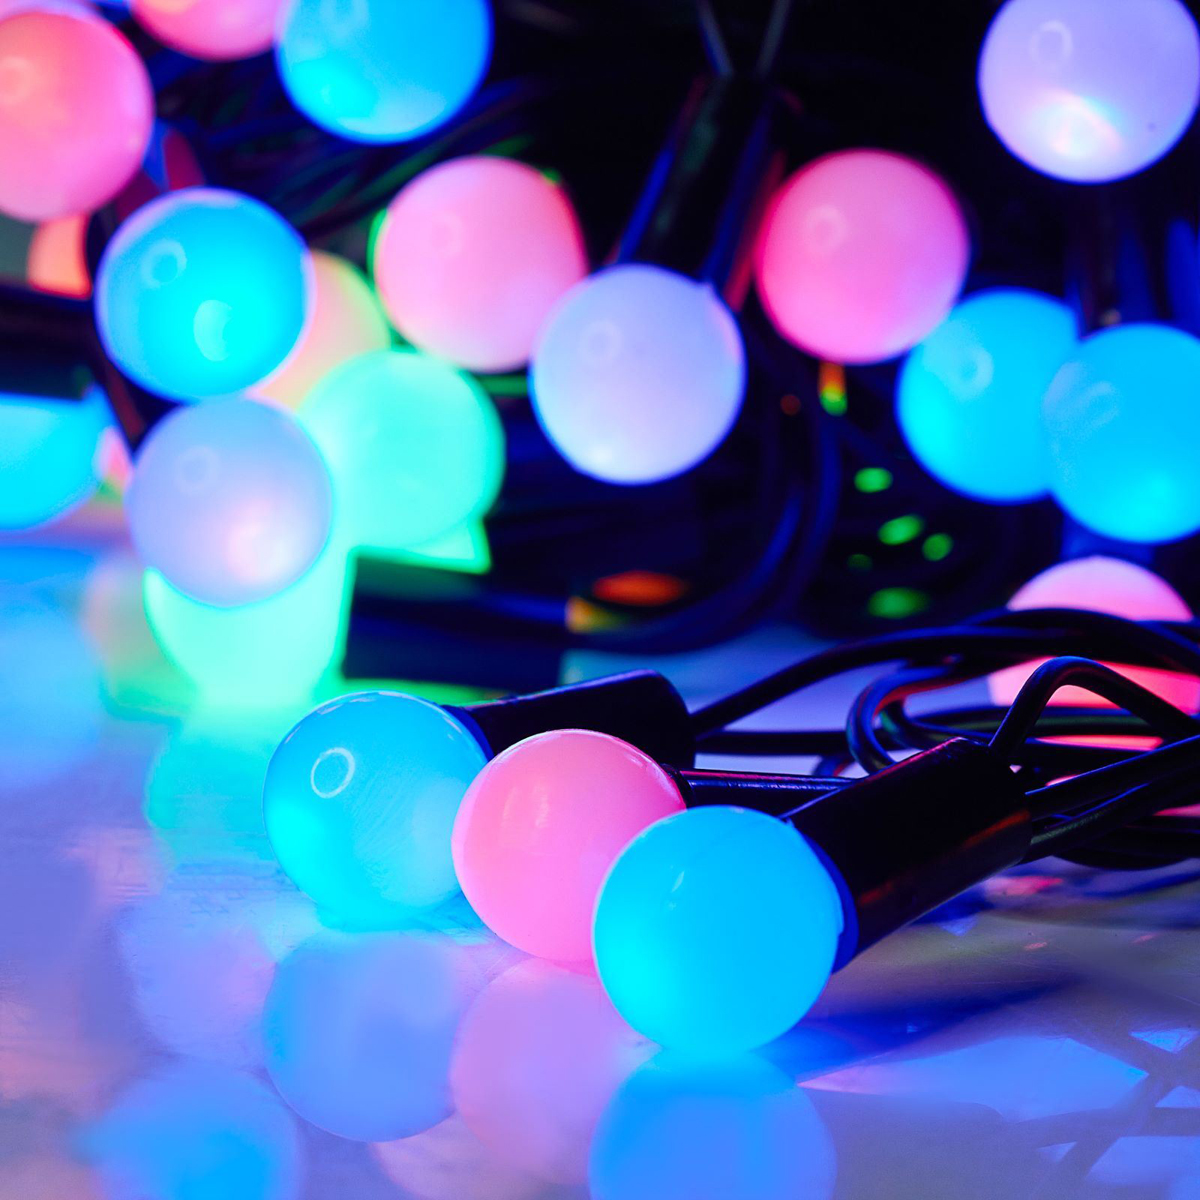 Гирлянда светодиодная Luazon Метраж. Шарики, уличная с насадкой, моргает, 50 ламп, 220 V, 6 м, цвет: мультиколор. 538719538719Светодиодные гирлянды, ленты и т.д. — это отличный вариант для новогоднего оформления интерьера или фасада. С их помощью помещение любого размера можно превратить в праздничный зал, а внешние элементы зданий, украшенные ими, мгновенно станут напоминать очертания сказочного дворца. Такие украшения создают ауру предвкушения чуда. Деревья, фасады, витрины, окна и арки будто специально созданы, чтобы вы украсили их светящимися нитями.